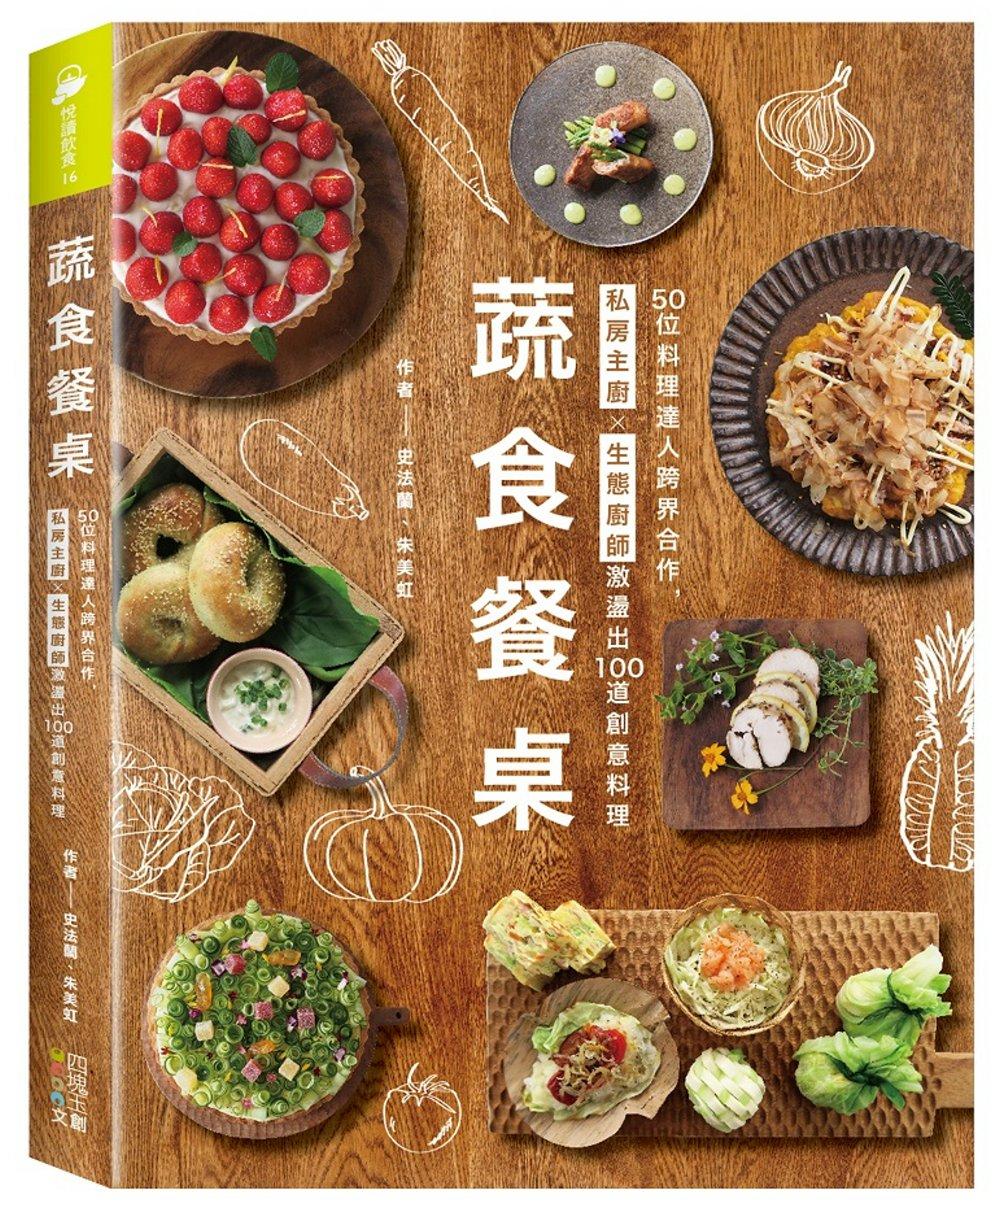 蔬食餐桌:50位料理達人跨界合作,私房主廚X生態廚師激盪出100道創意料理